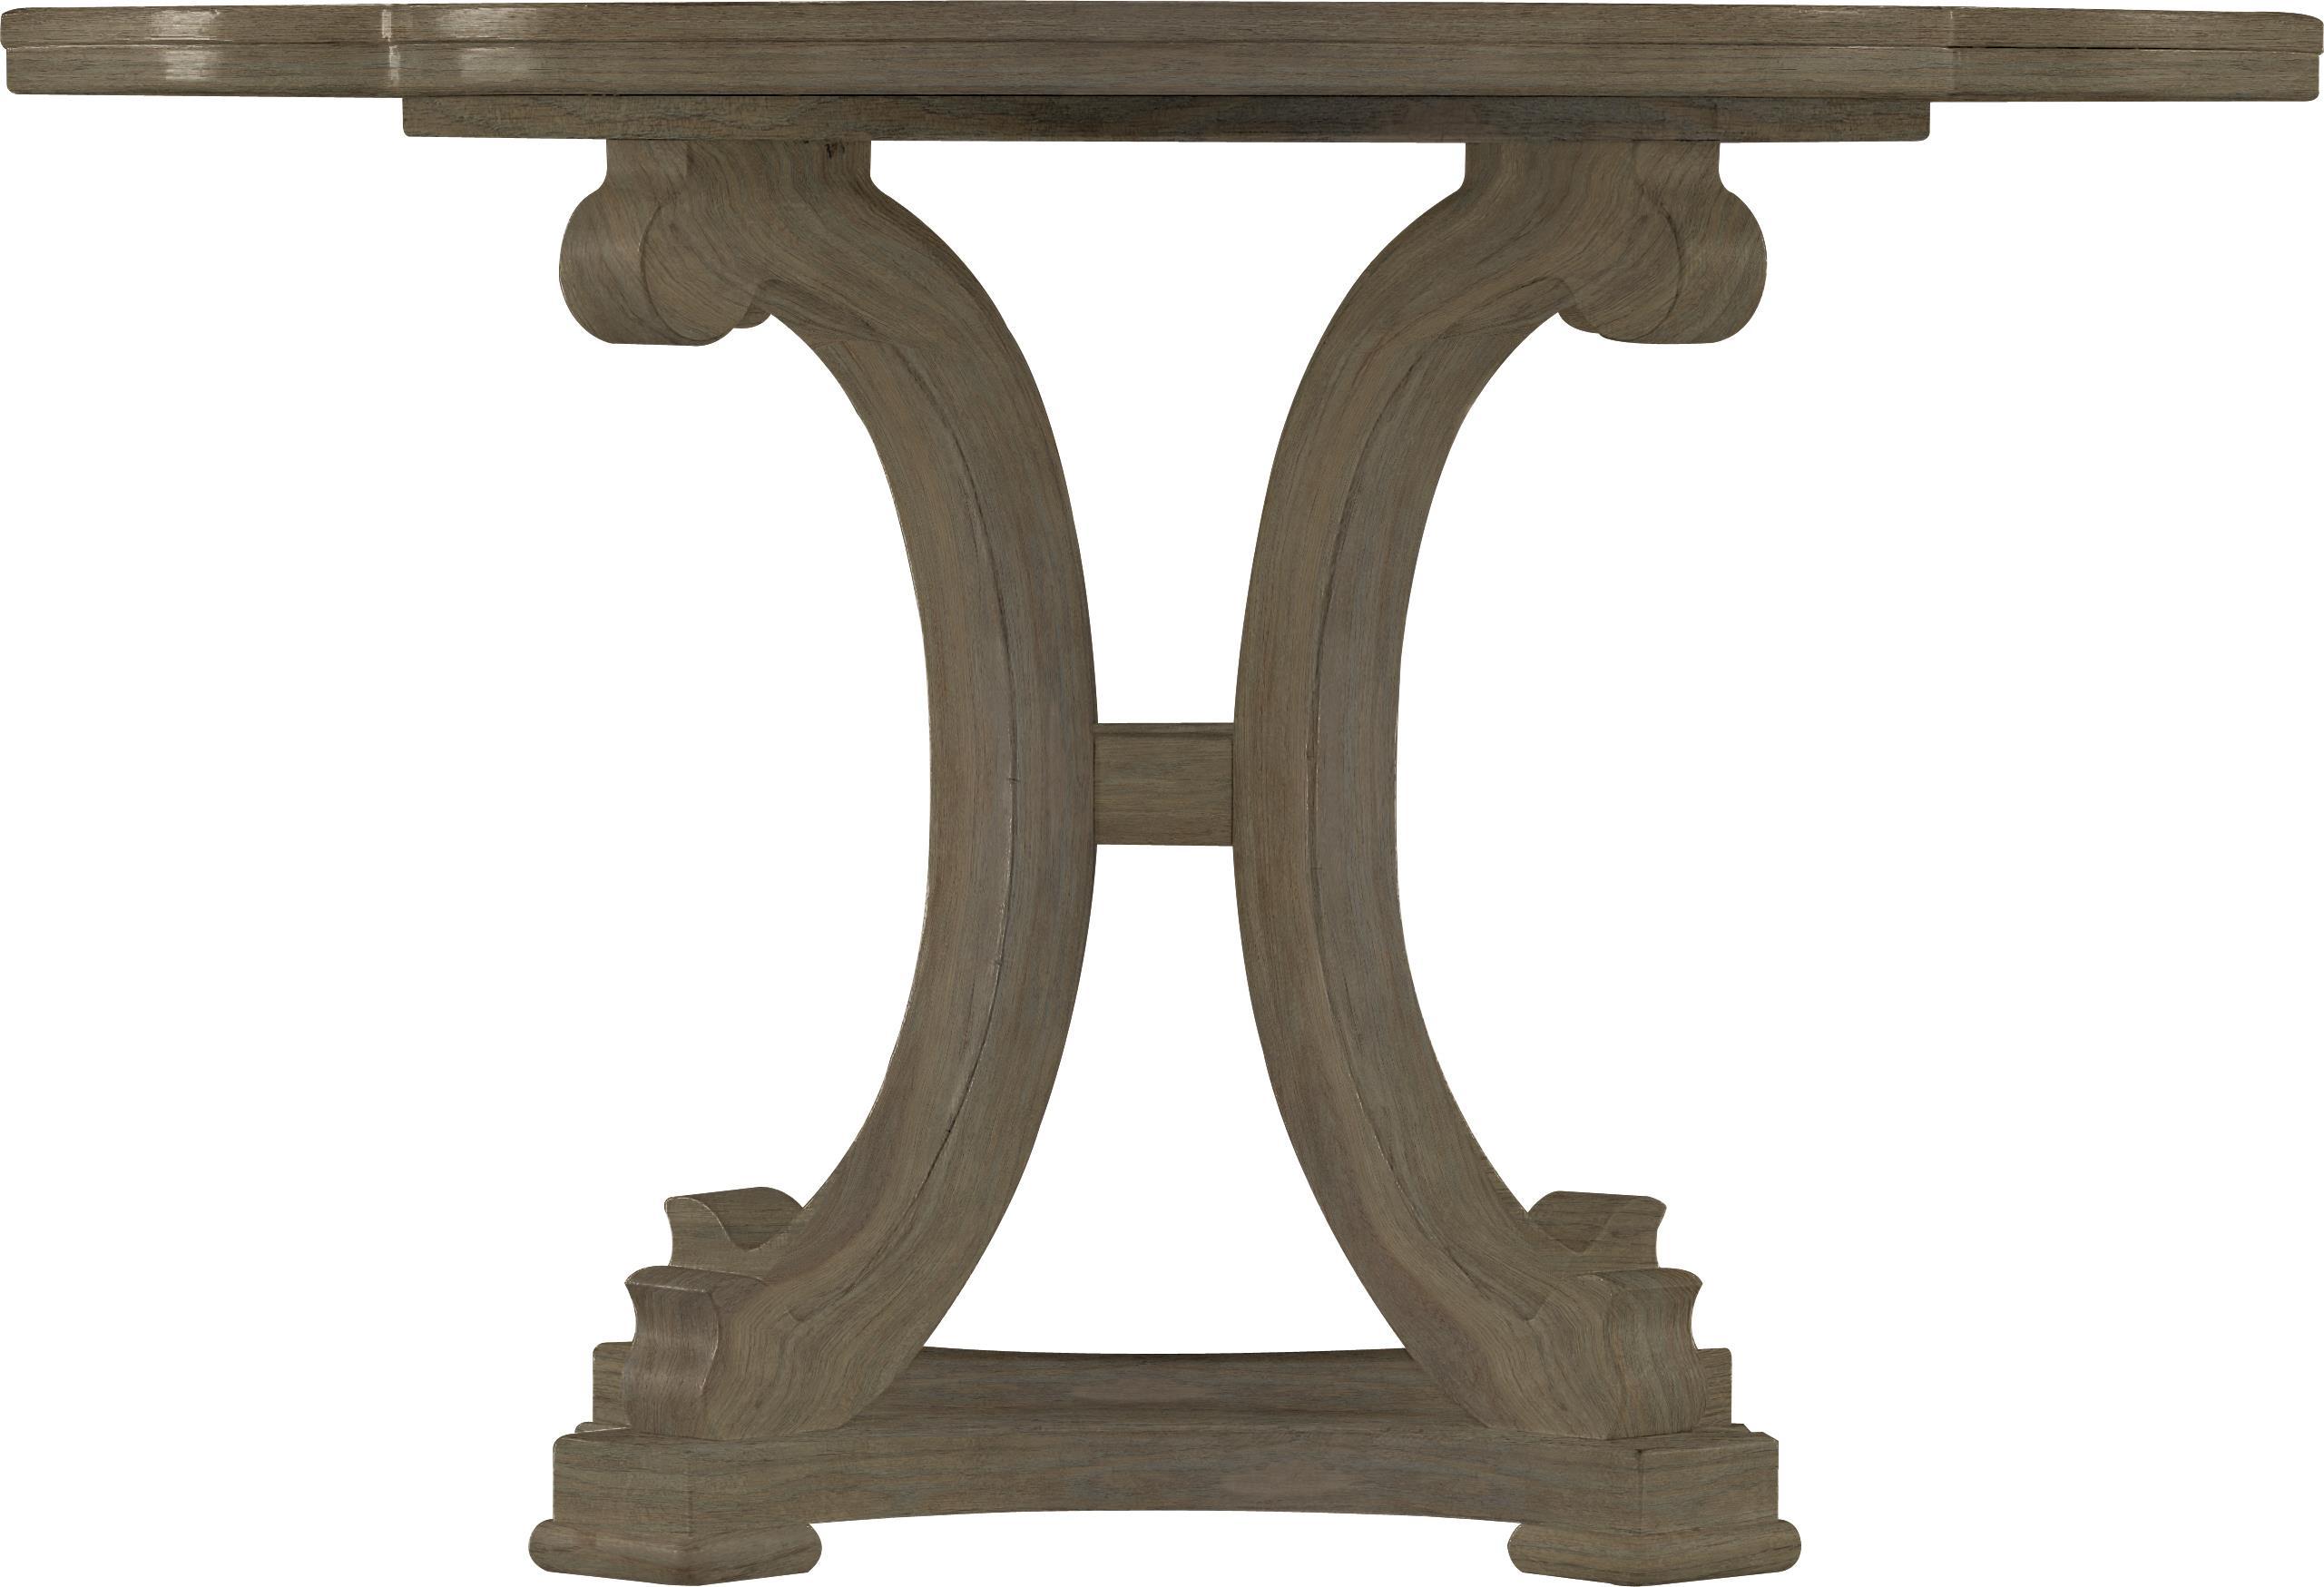 Stanley Furniture Coastal Living Resort Seascape Table - Item Number: 062-31-34